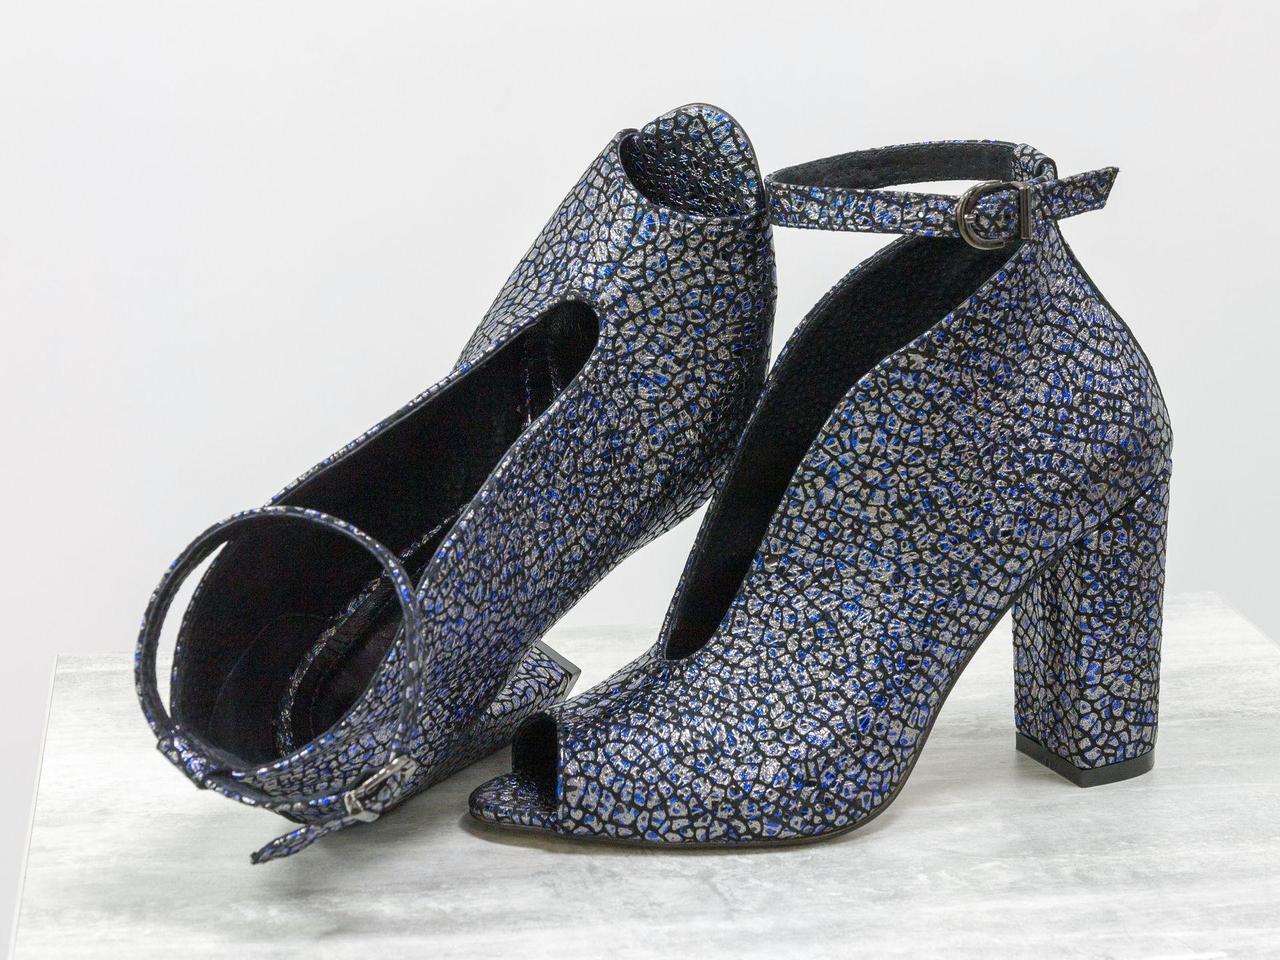 Туфли с открытым носиком из переливающейся натуральной кожи сине-серебряного цвета